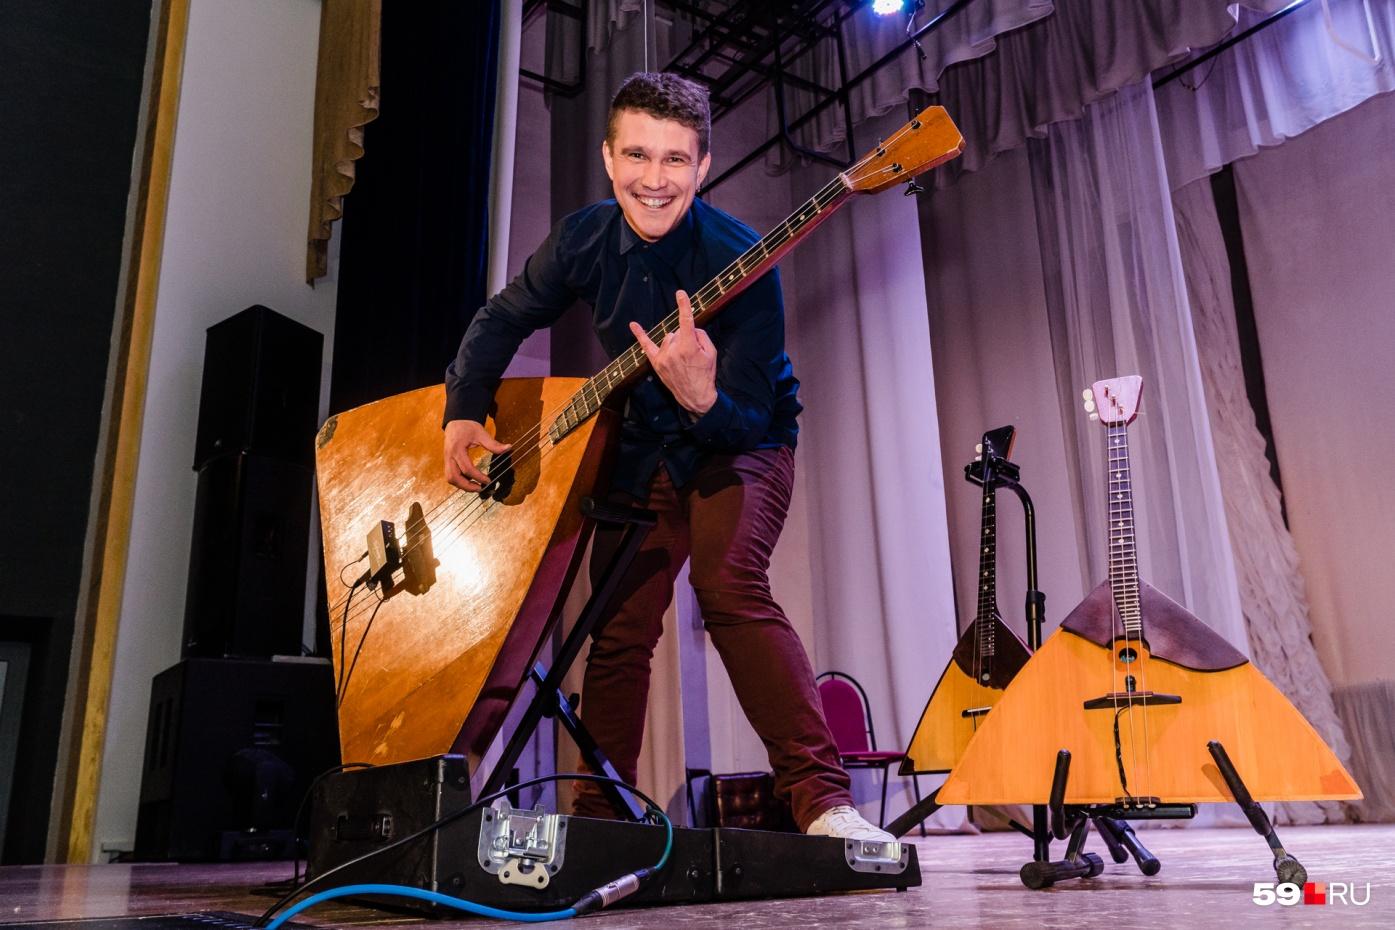 Андрей Киряков может играть сразу на нескольких балалайках, и не только народные мотивы, но и тяжелый рок